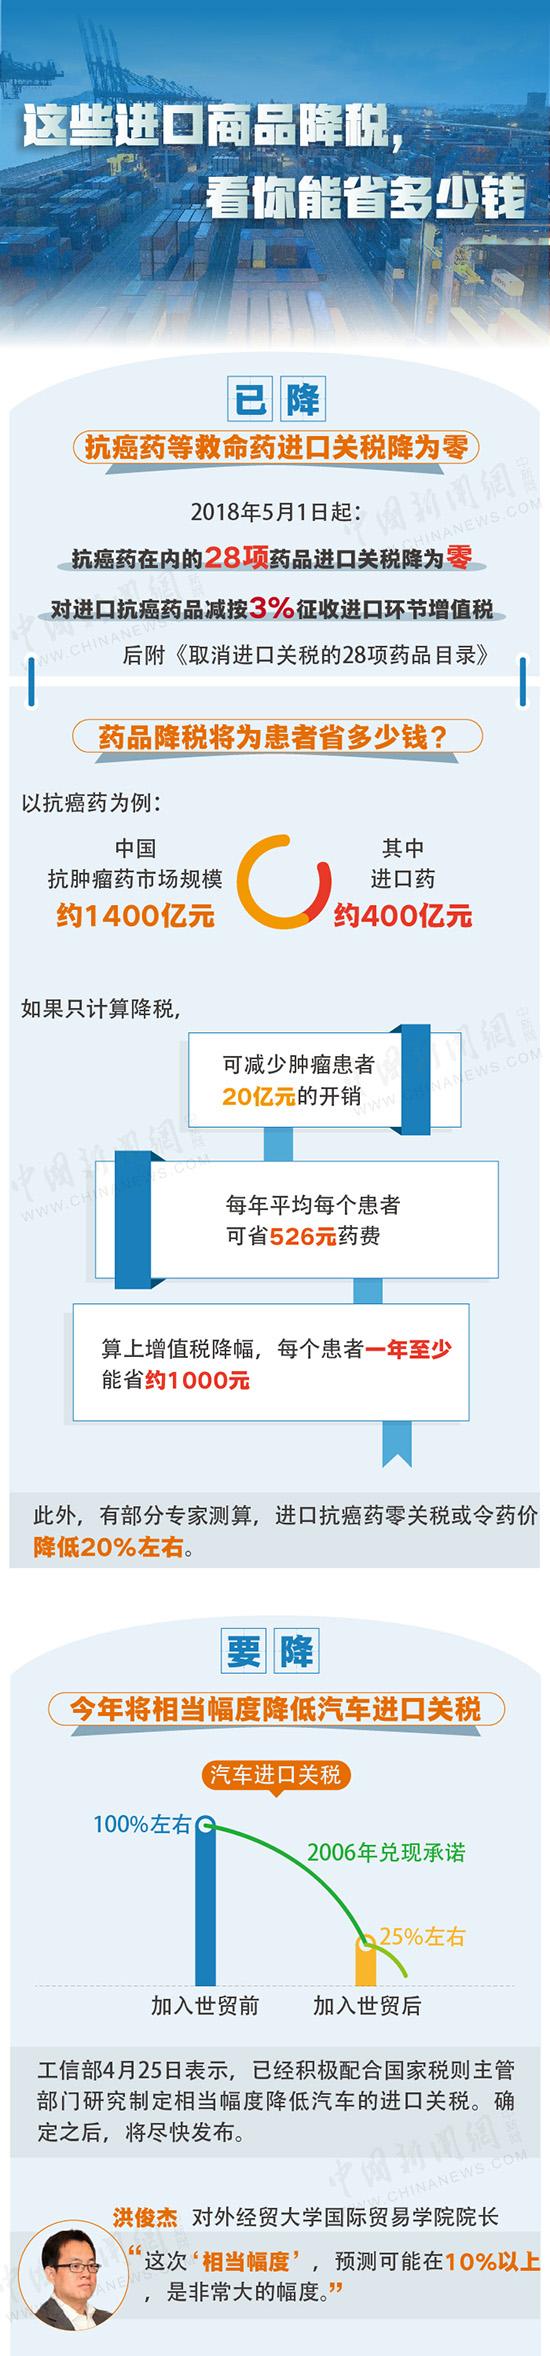 线上娱乐城赌博:【图解】大动作!这些进口商品降税,看你能省多少钱